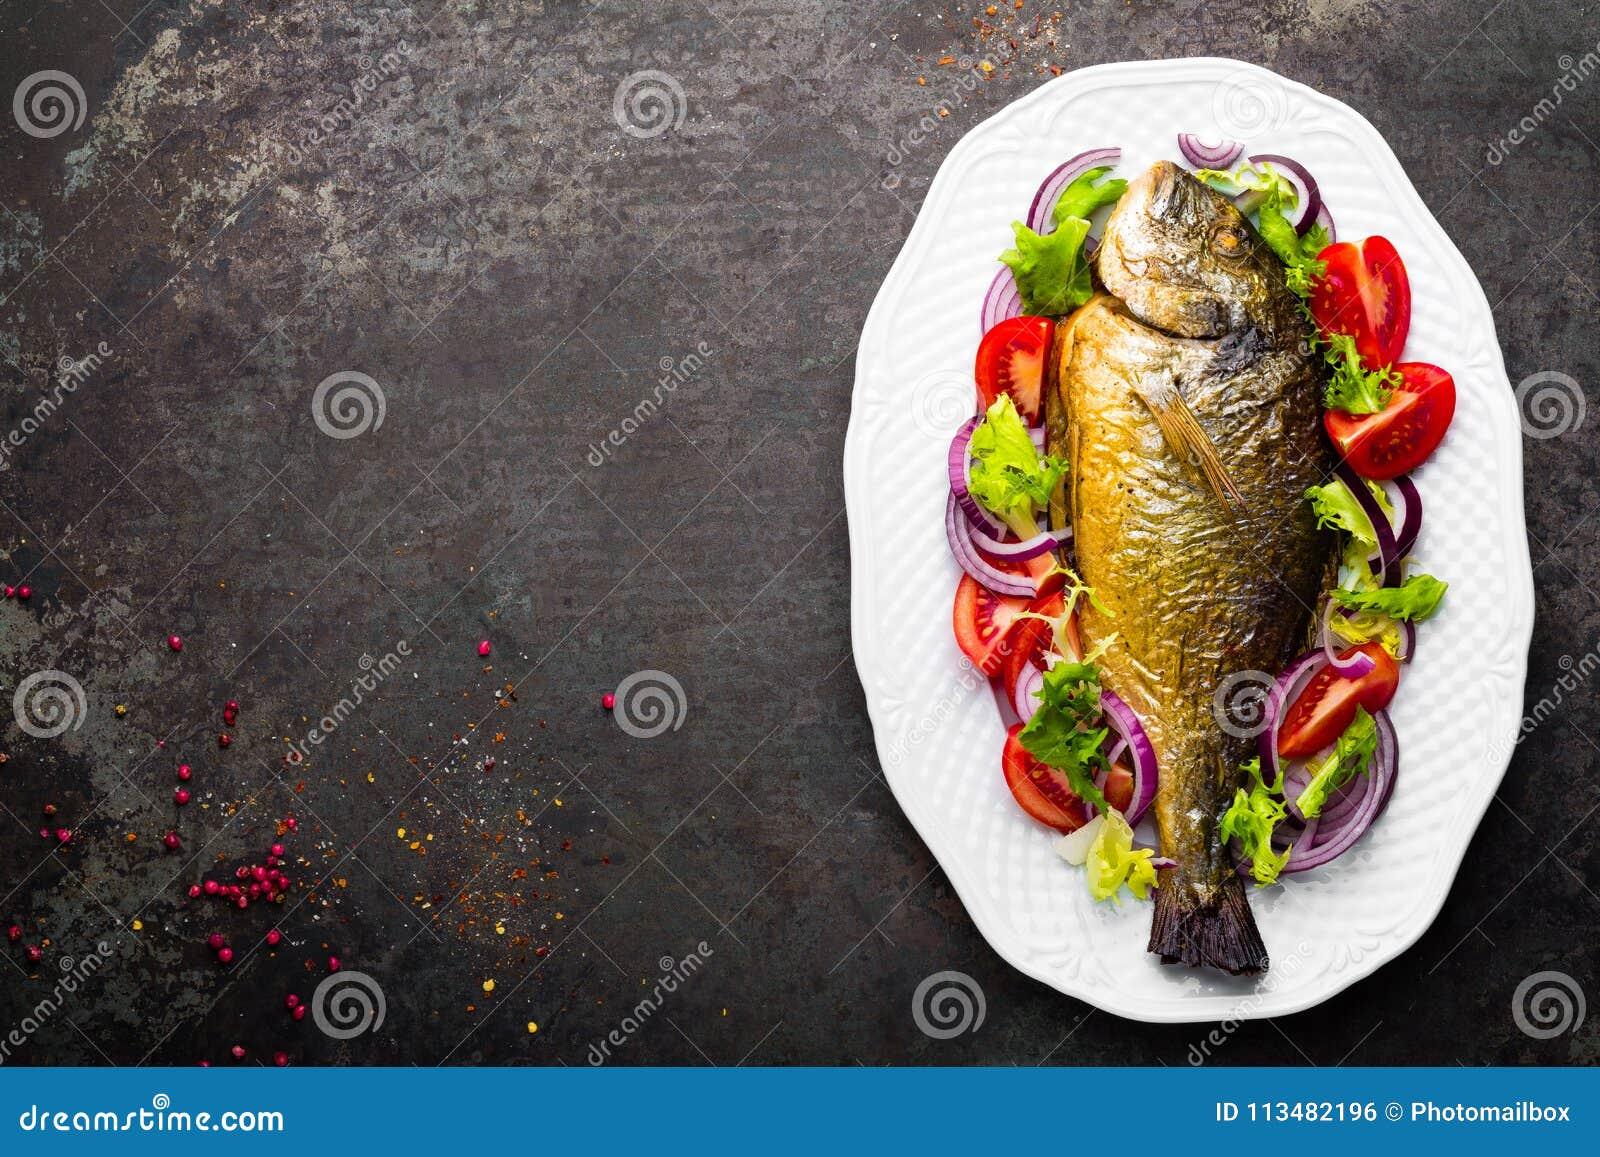 Bakad fisk Dorado Sallad för bakad och ny grönsak för Dorado fiskugn på plattan Havsbraxen eller grillad doradafisk och grönsaksa